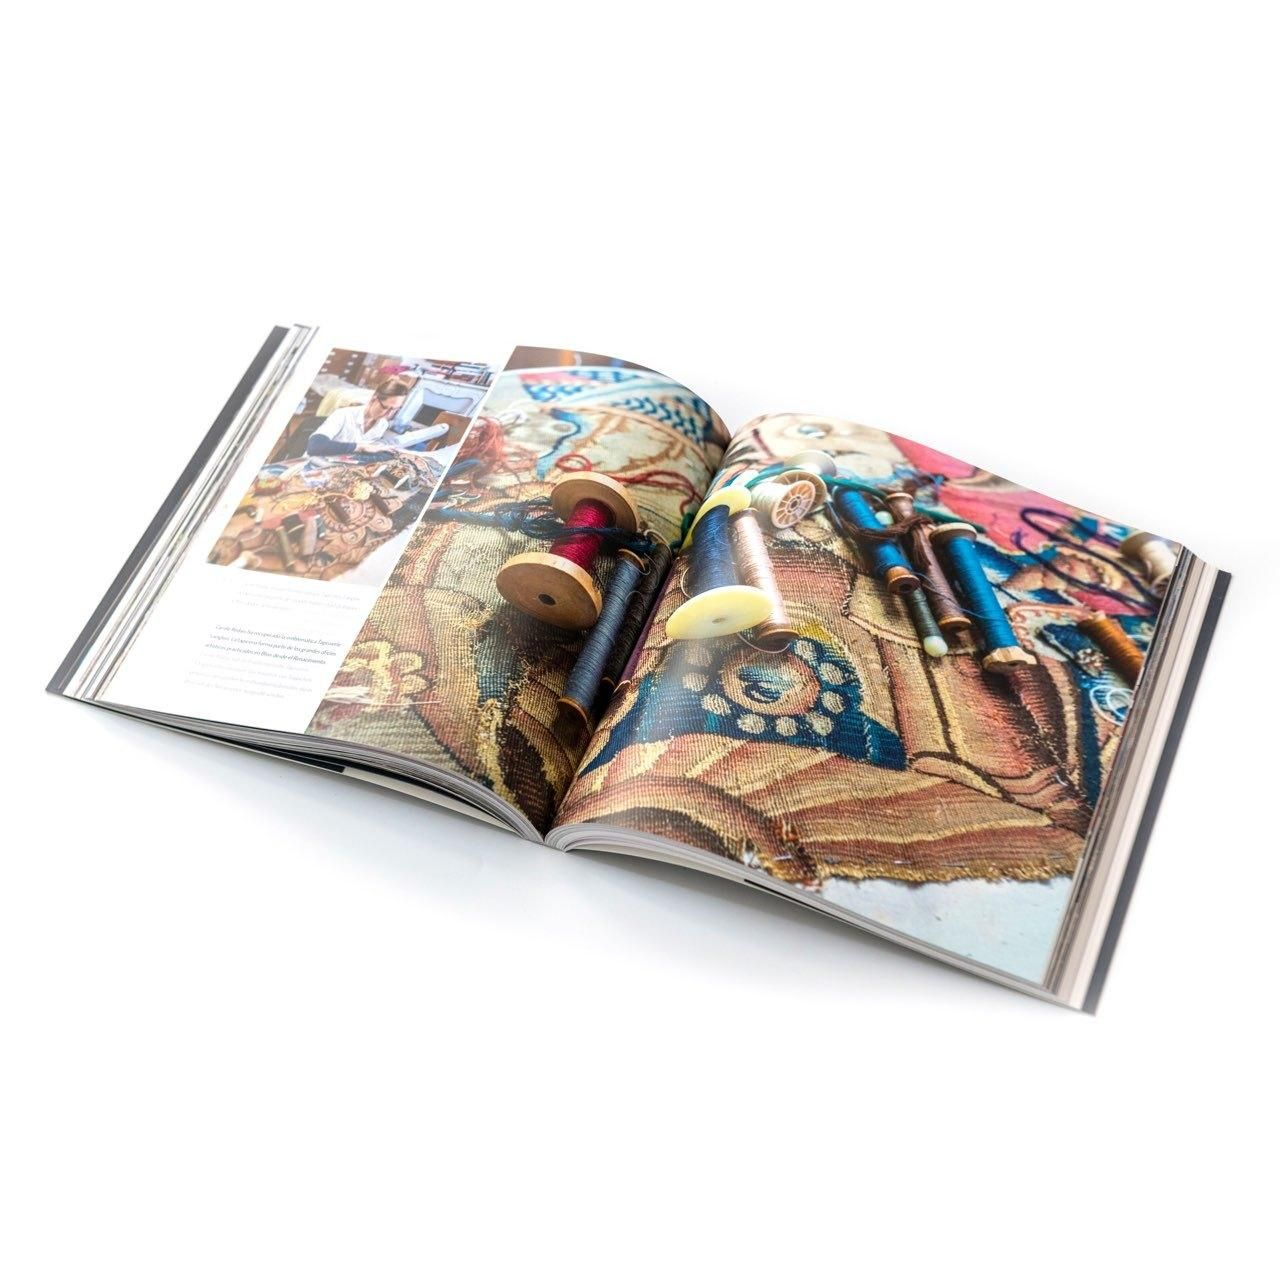 Livre «Blois, de sens et d'esprit» ouvert sur la page dédiée à l'artisanat, avec un gros plan sur l'emblématique tapisserie Langlois, en cours de reprise par Caroline Redais.